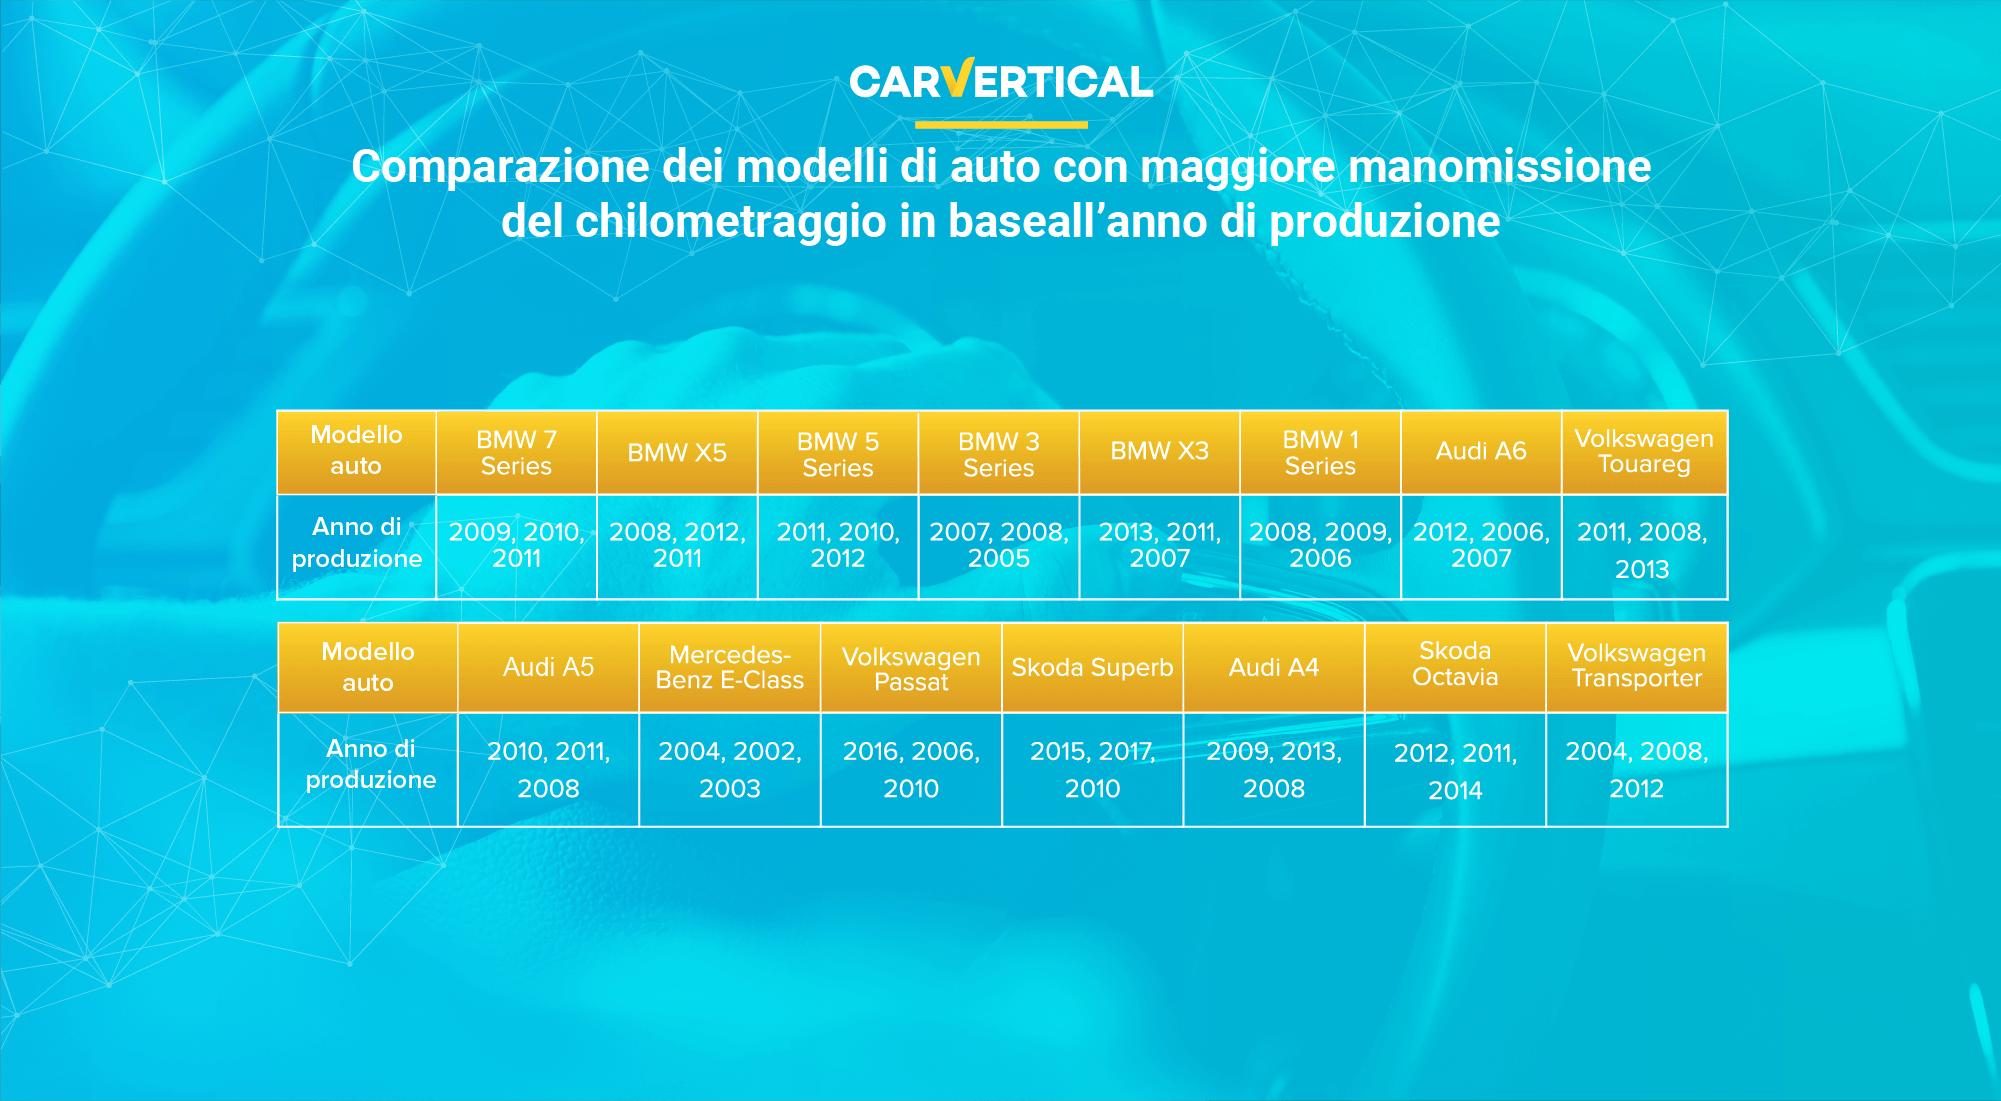 Comparazione dei modelli di auto con maggiore manomissione del chilometraggio in base all'anno di produzione